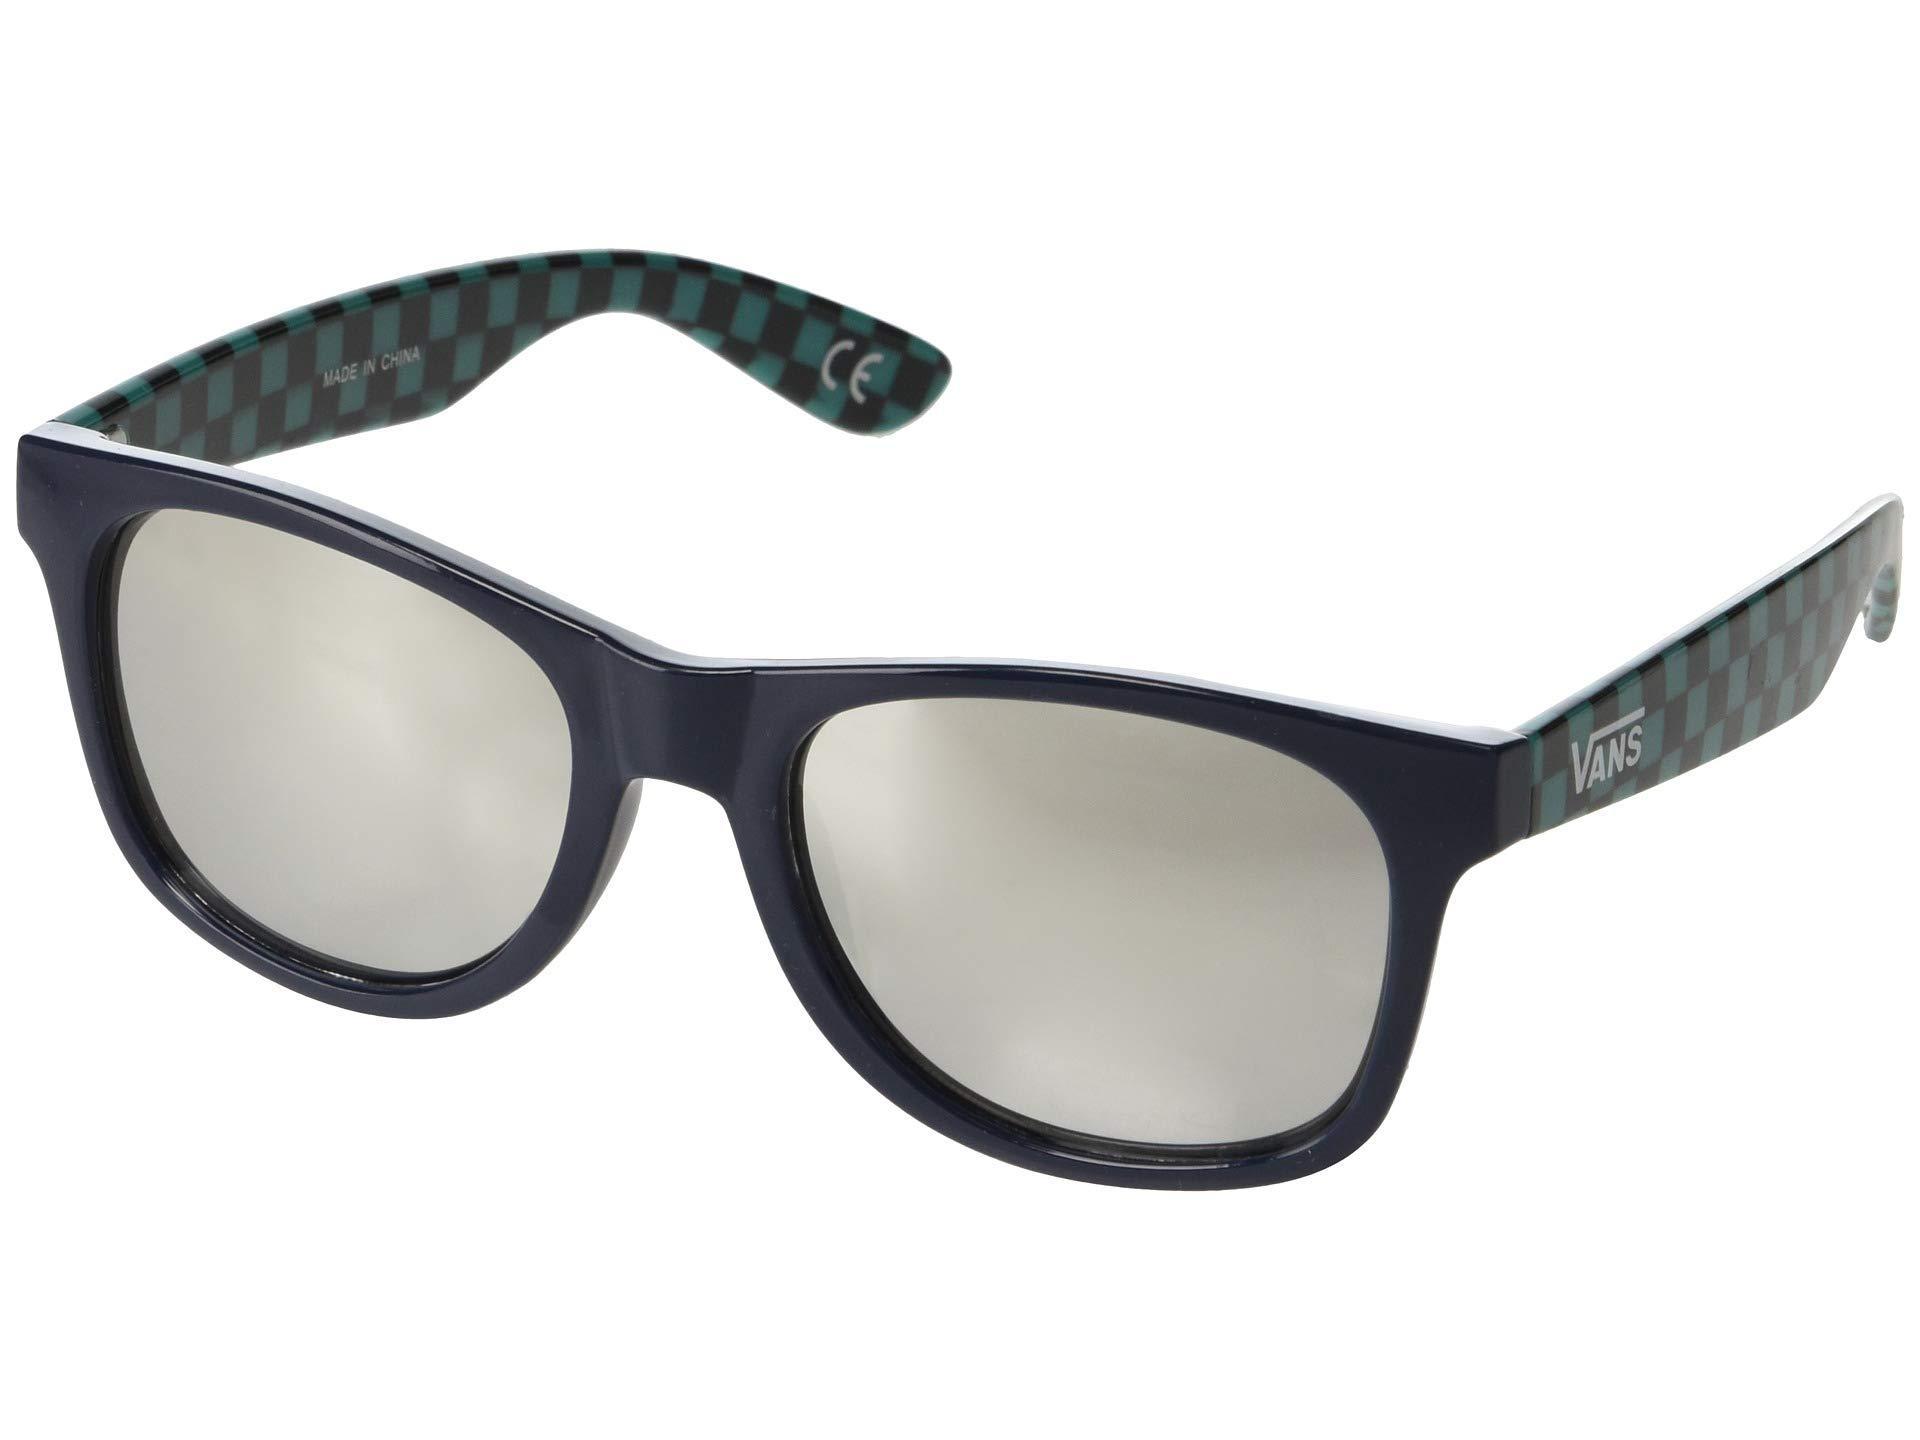 ffe2c6e58f Vans - Spicoli 4 Shades (black white) Fashion Sunglasses for Men - Lyst.  View fullscreen